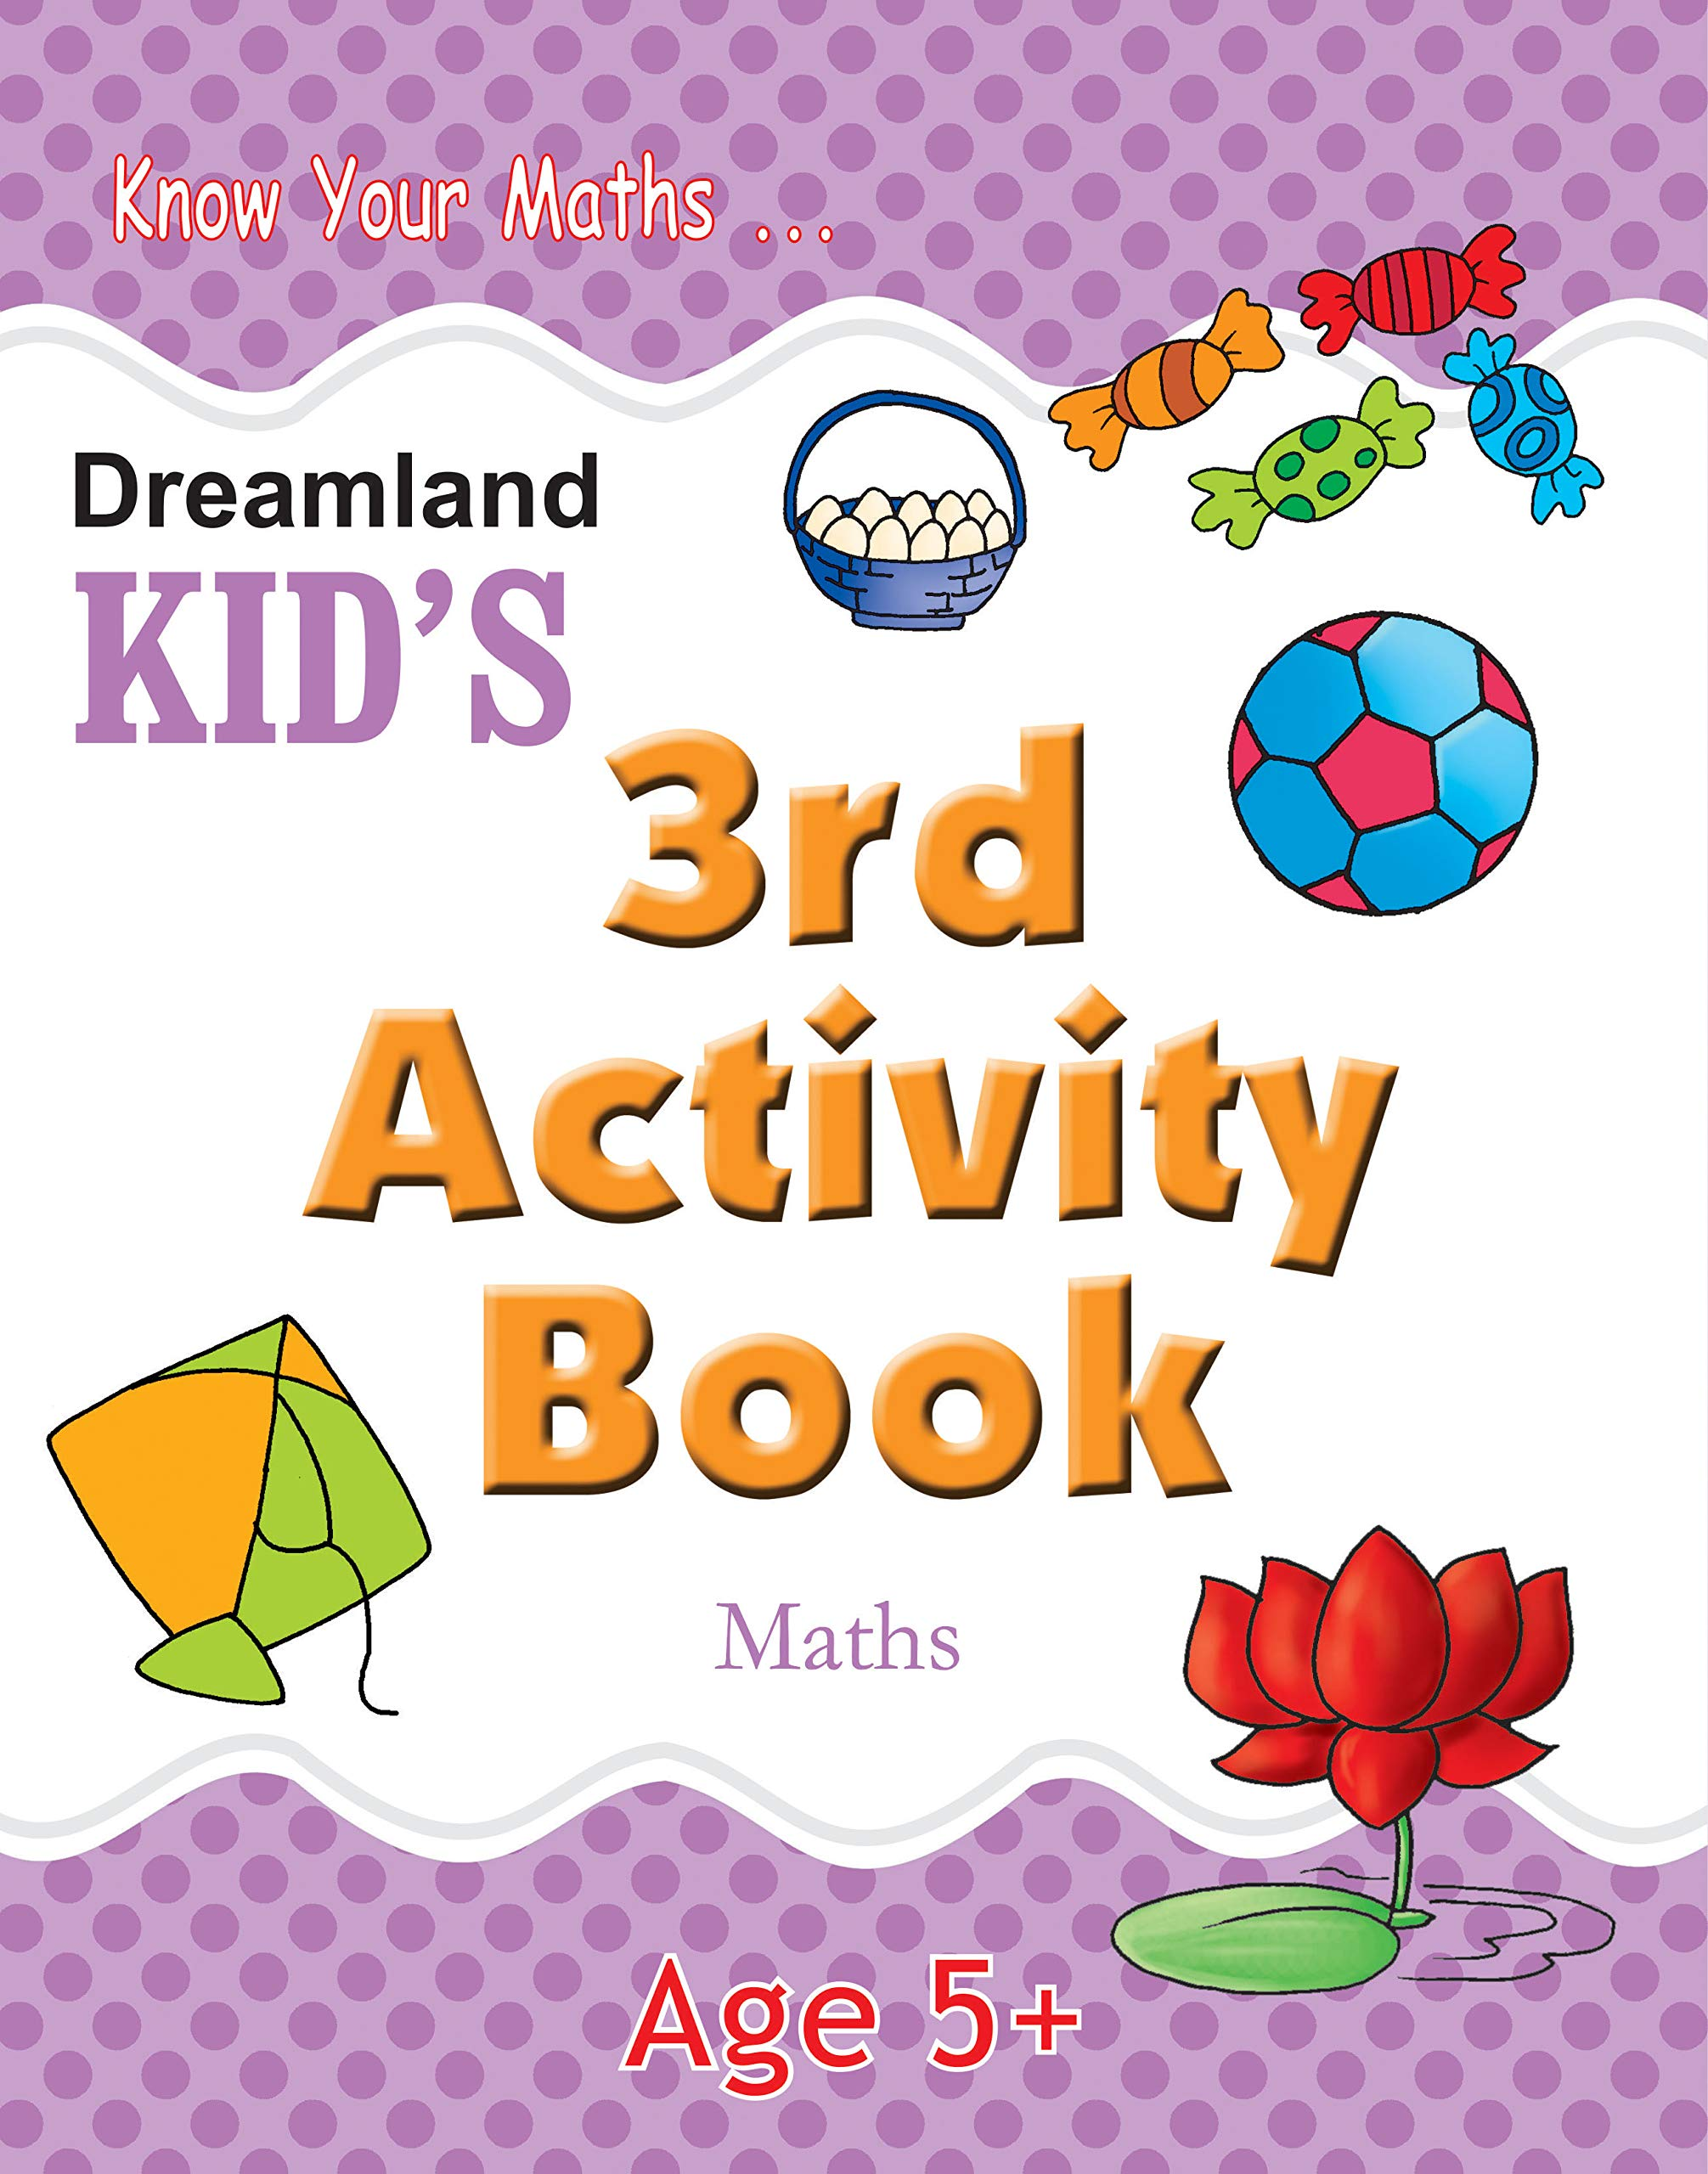 3rd Activity Book - Maths